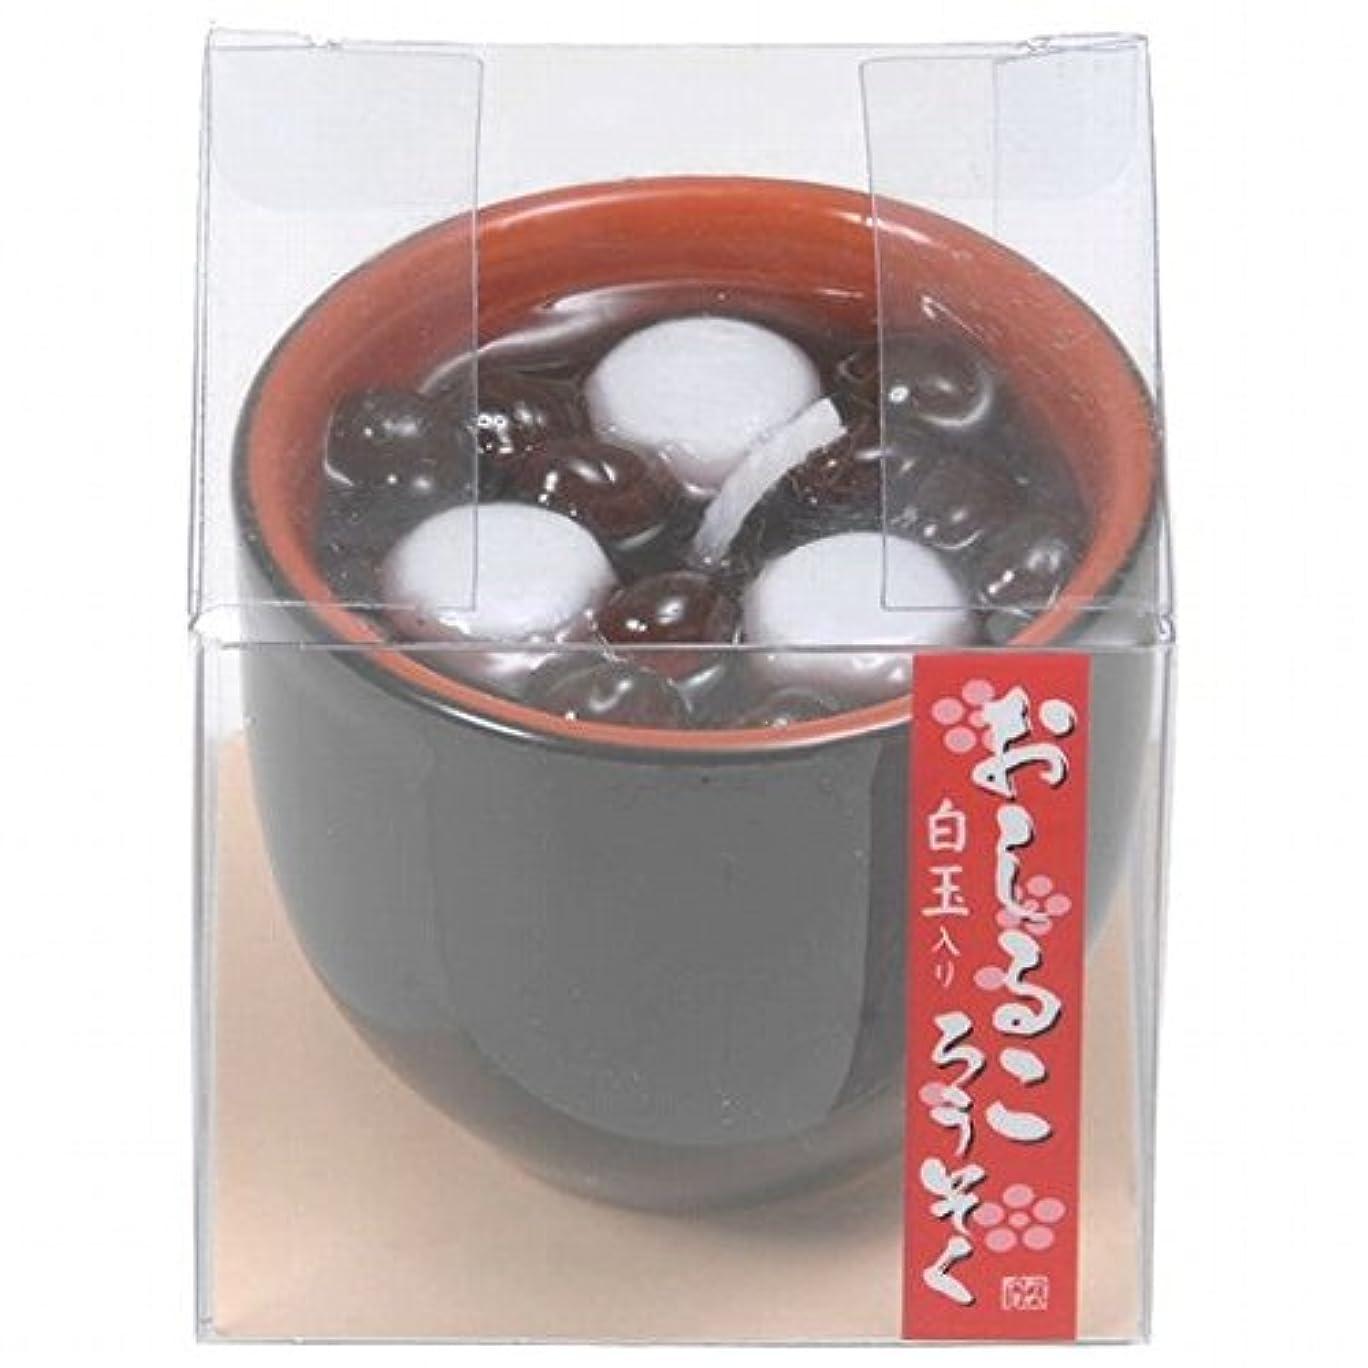 うがい薬添加剤件名カメヤマキャンドル( kameyama candle ) おしるころうそく キャンドル